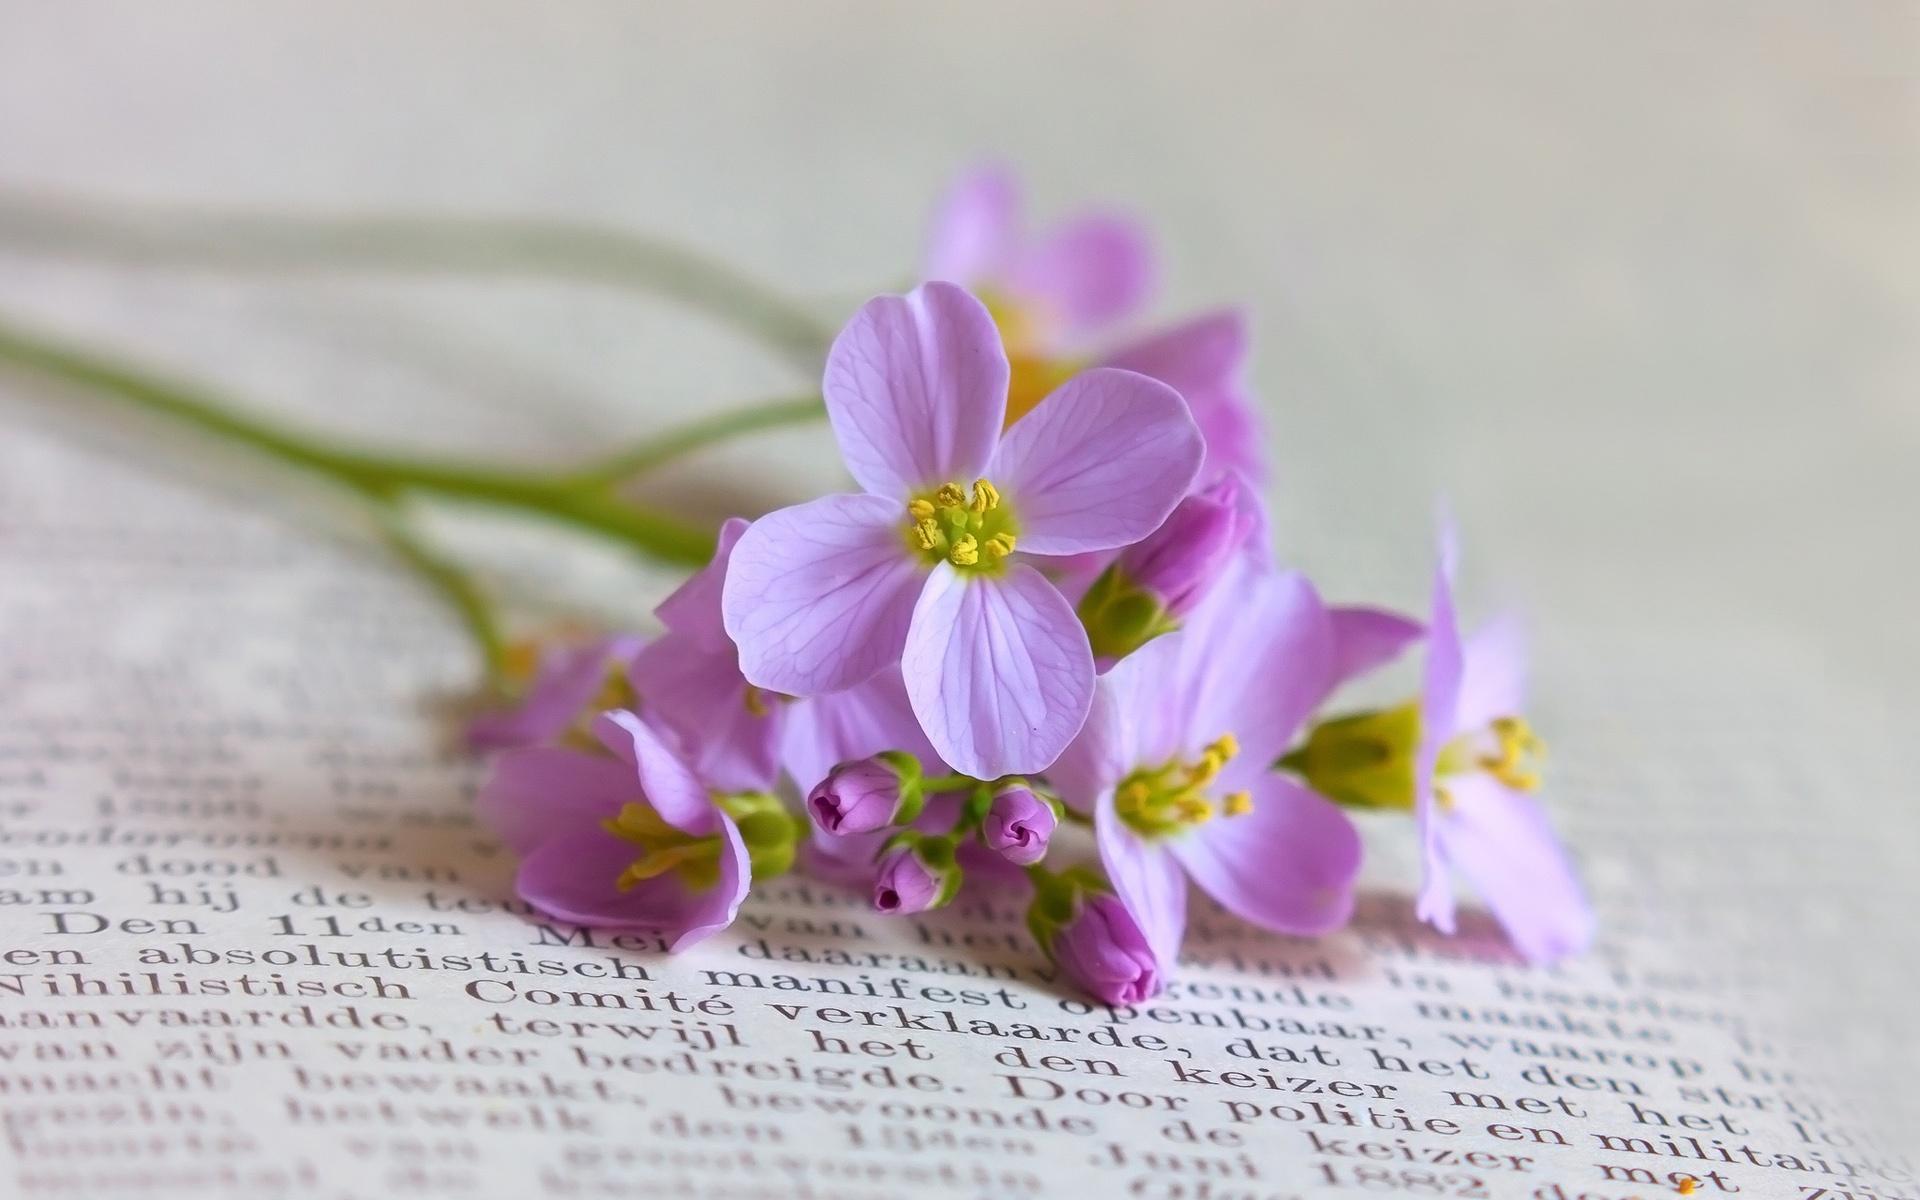 Fondos de pantalla Libros con flores de color púrpura still life ...